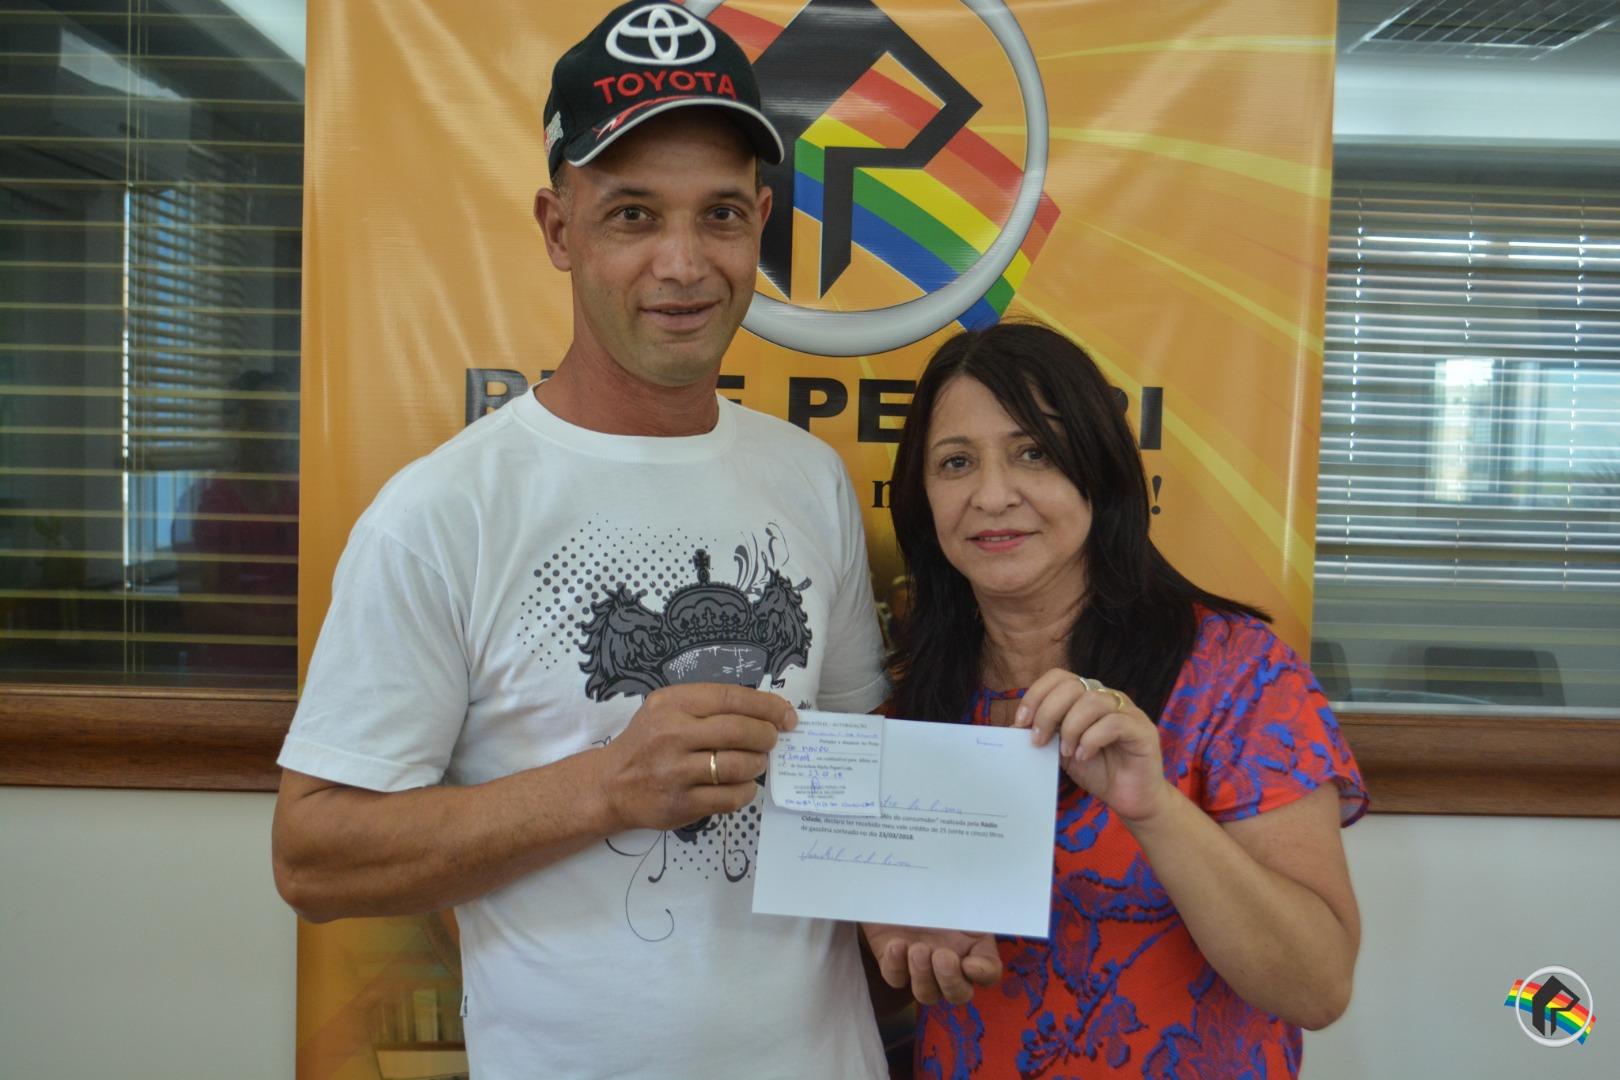 Ganhadores retiram o prêmio da promoção Mês do Consumidor